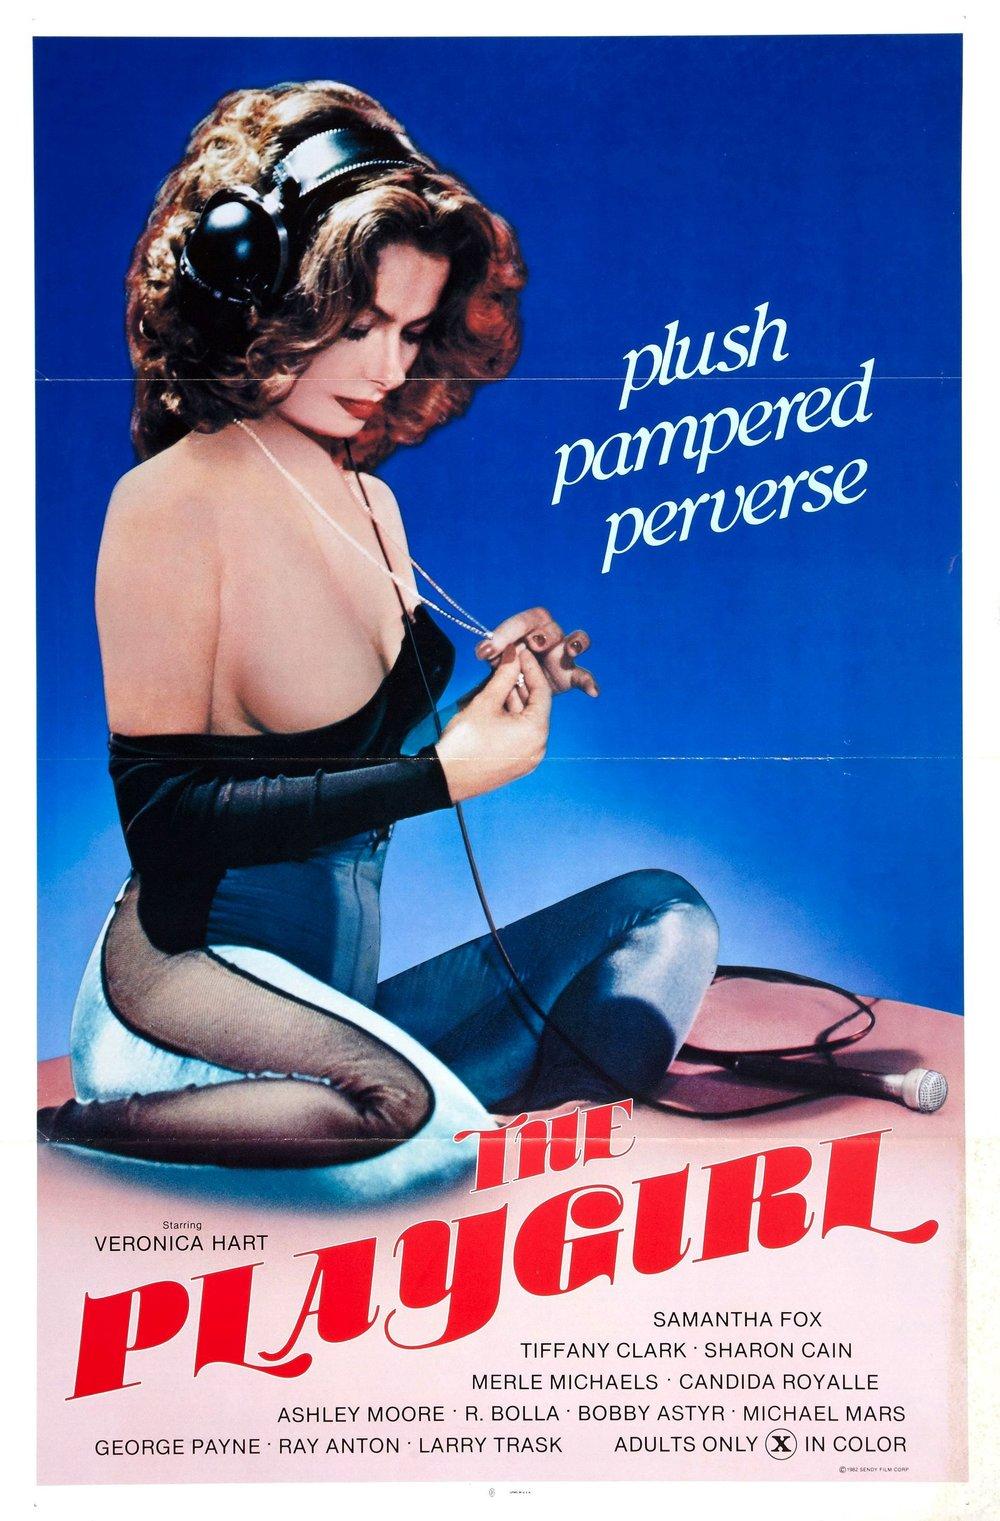 playgirl_poster_02.jpg